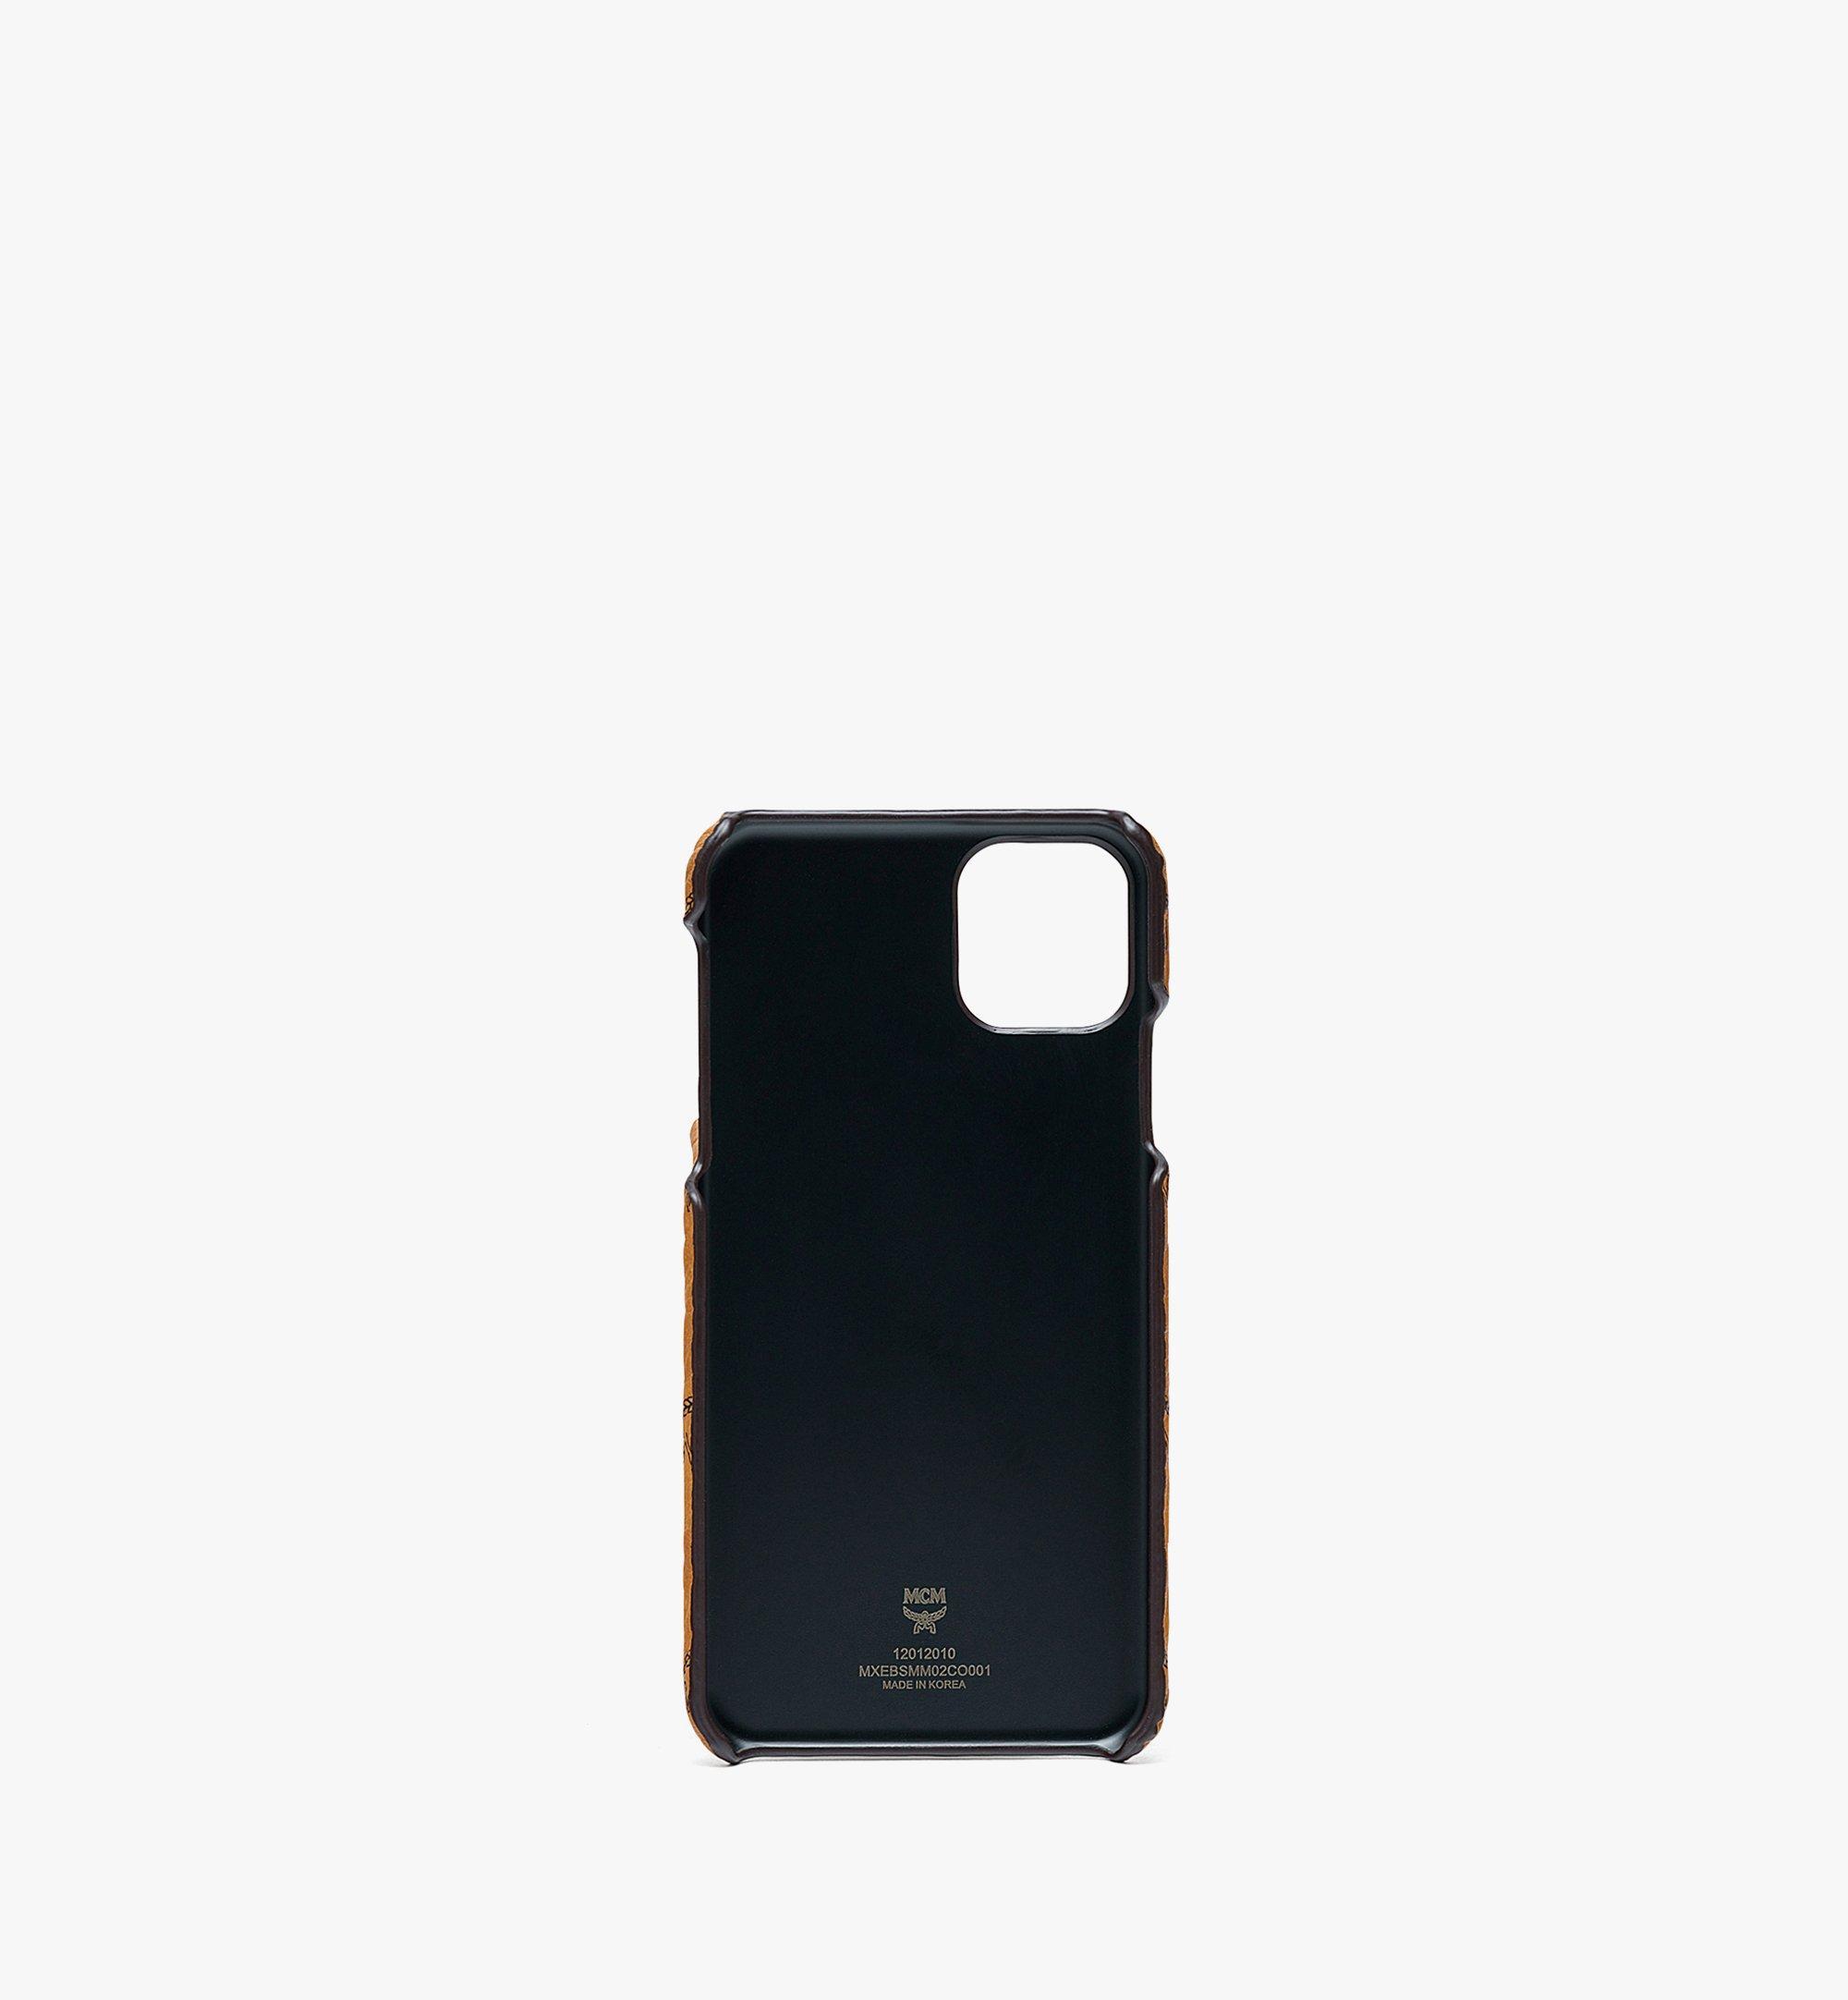 MCM 비세토스 래빗 iPhone 11 Pro Max 케이스 Cognac MXEBSMM02CO001 다른 각도 보기 1